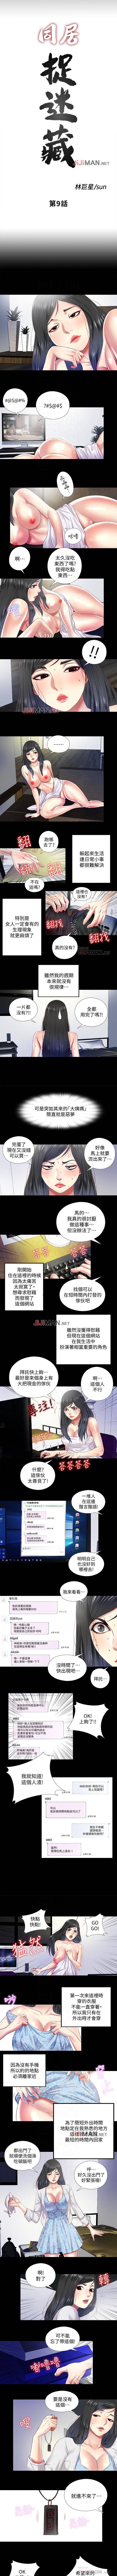 【已完结】同居捉迷藏(作者:林巨星) 第1~30话 36